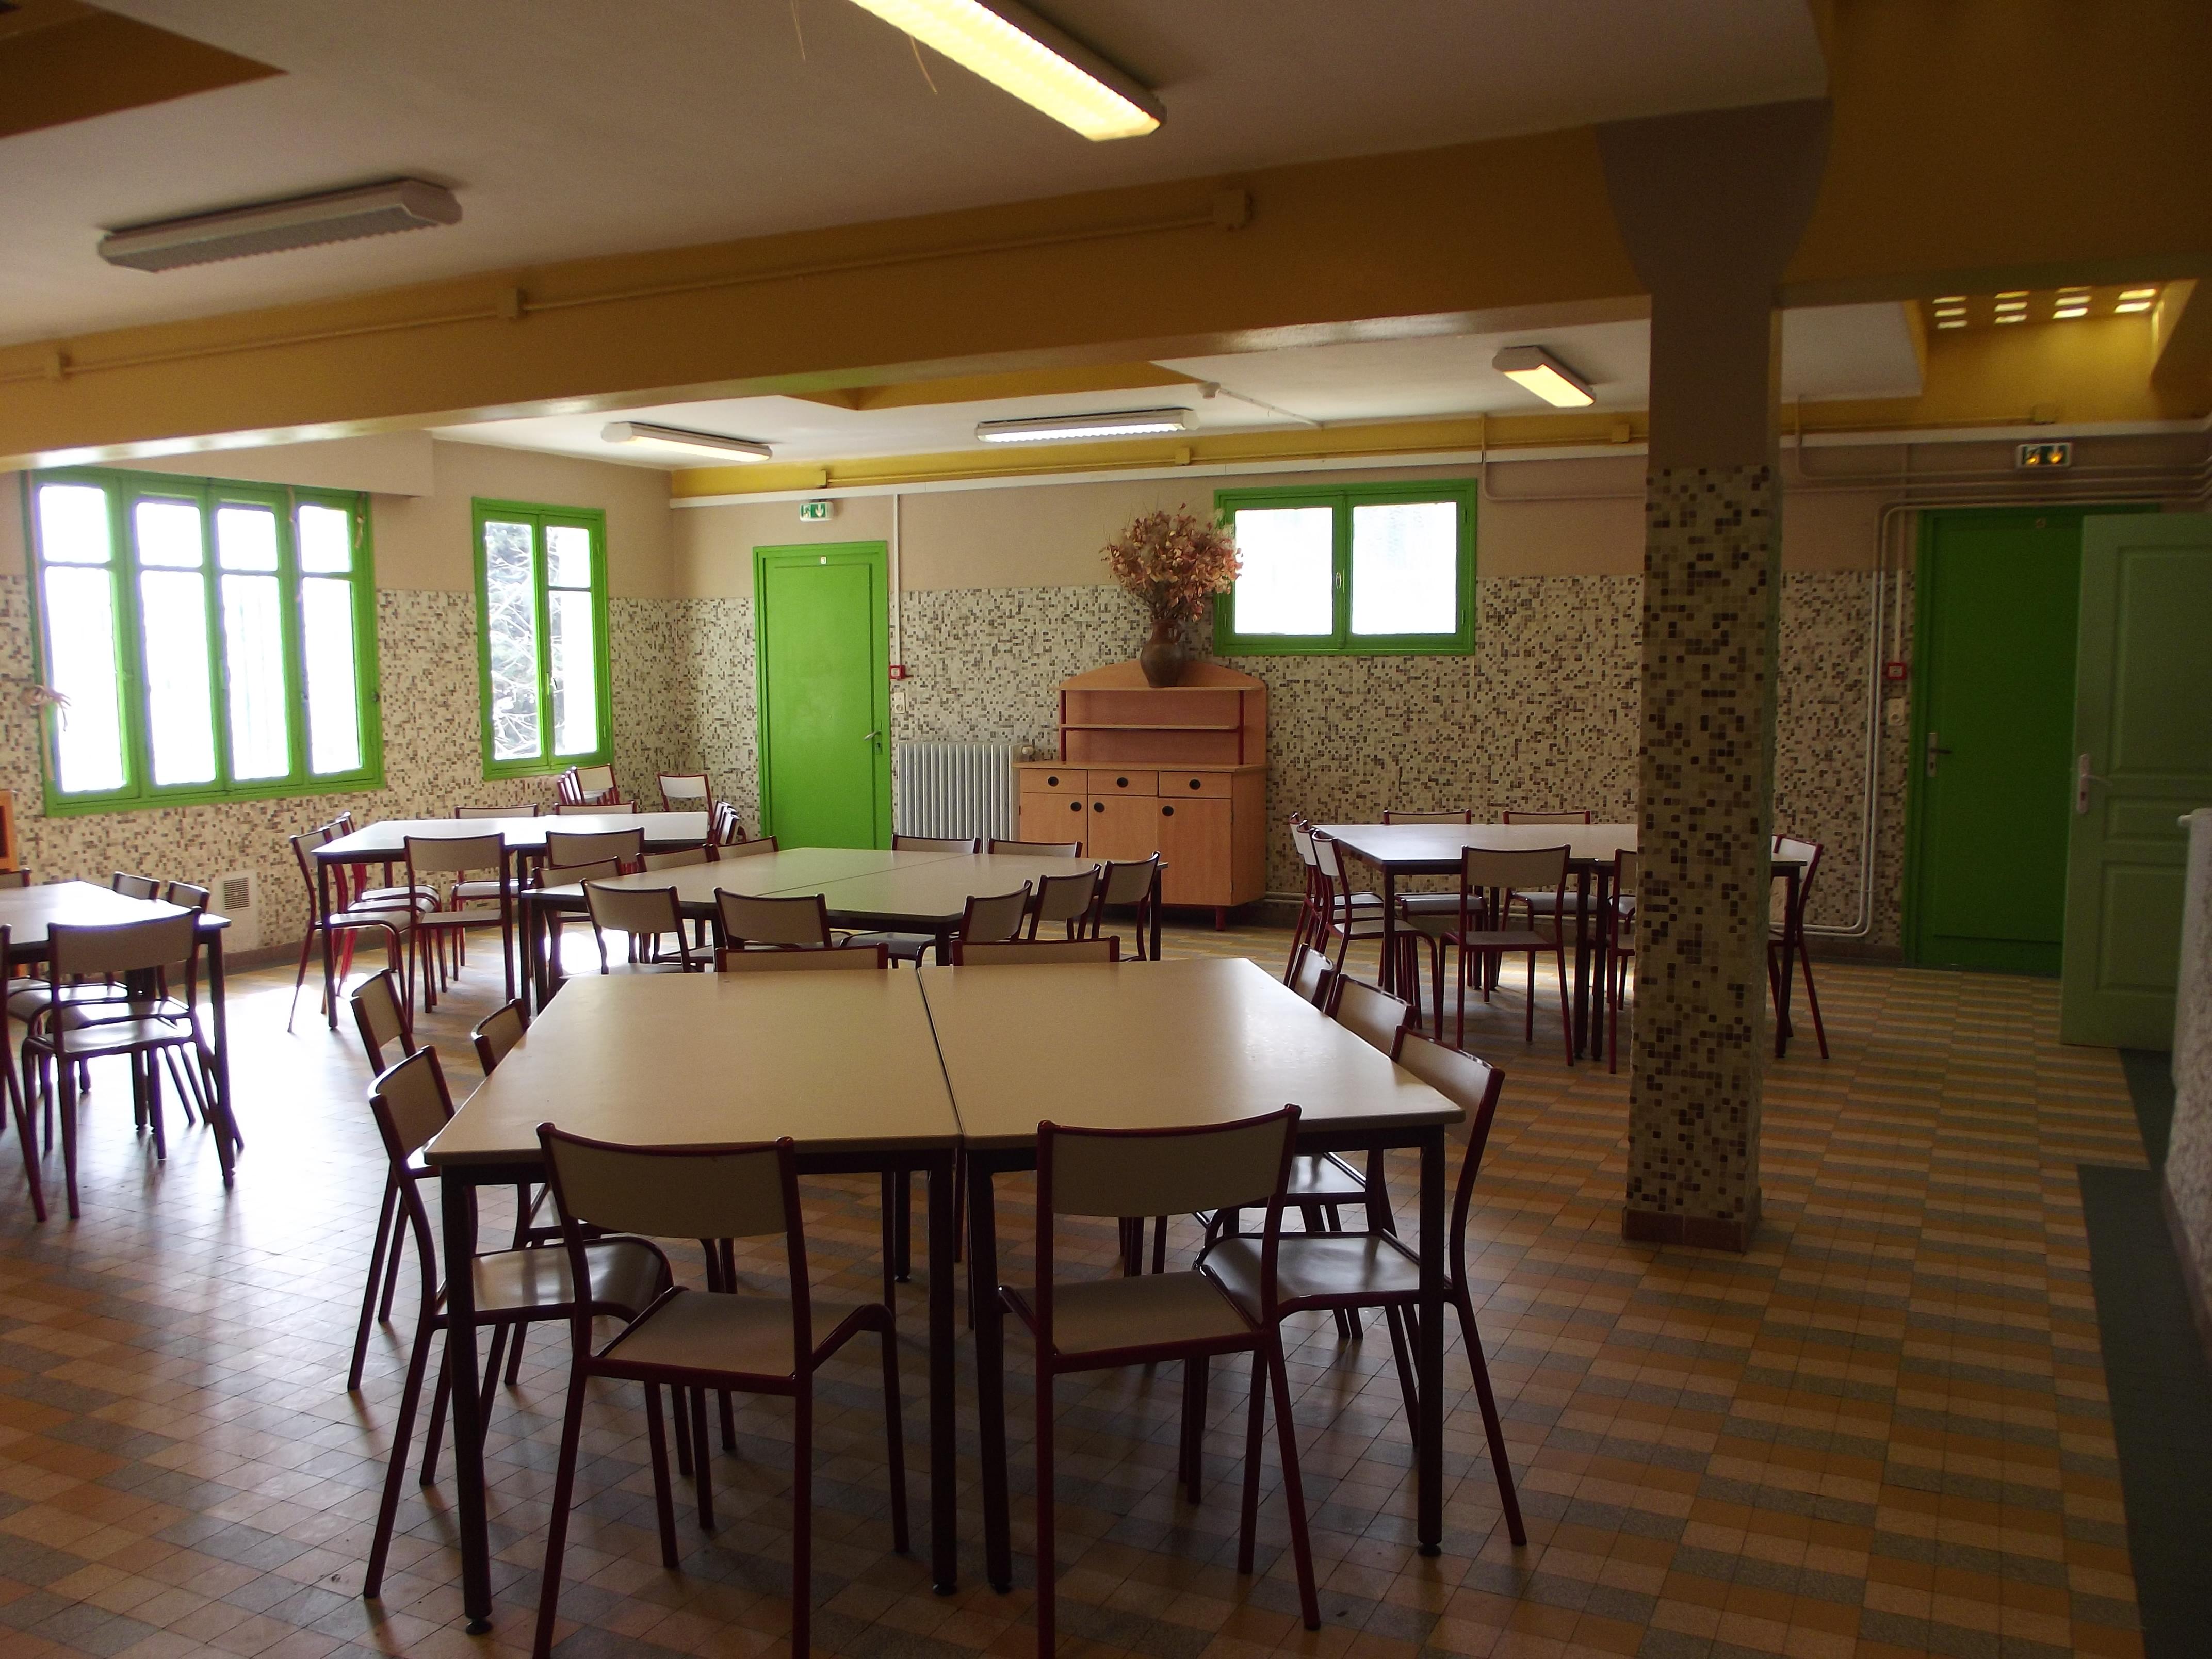 hebergement-sospel-salle-repas